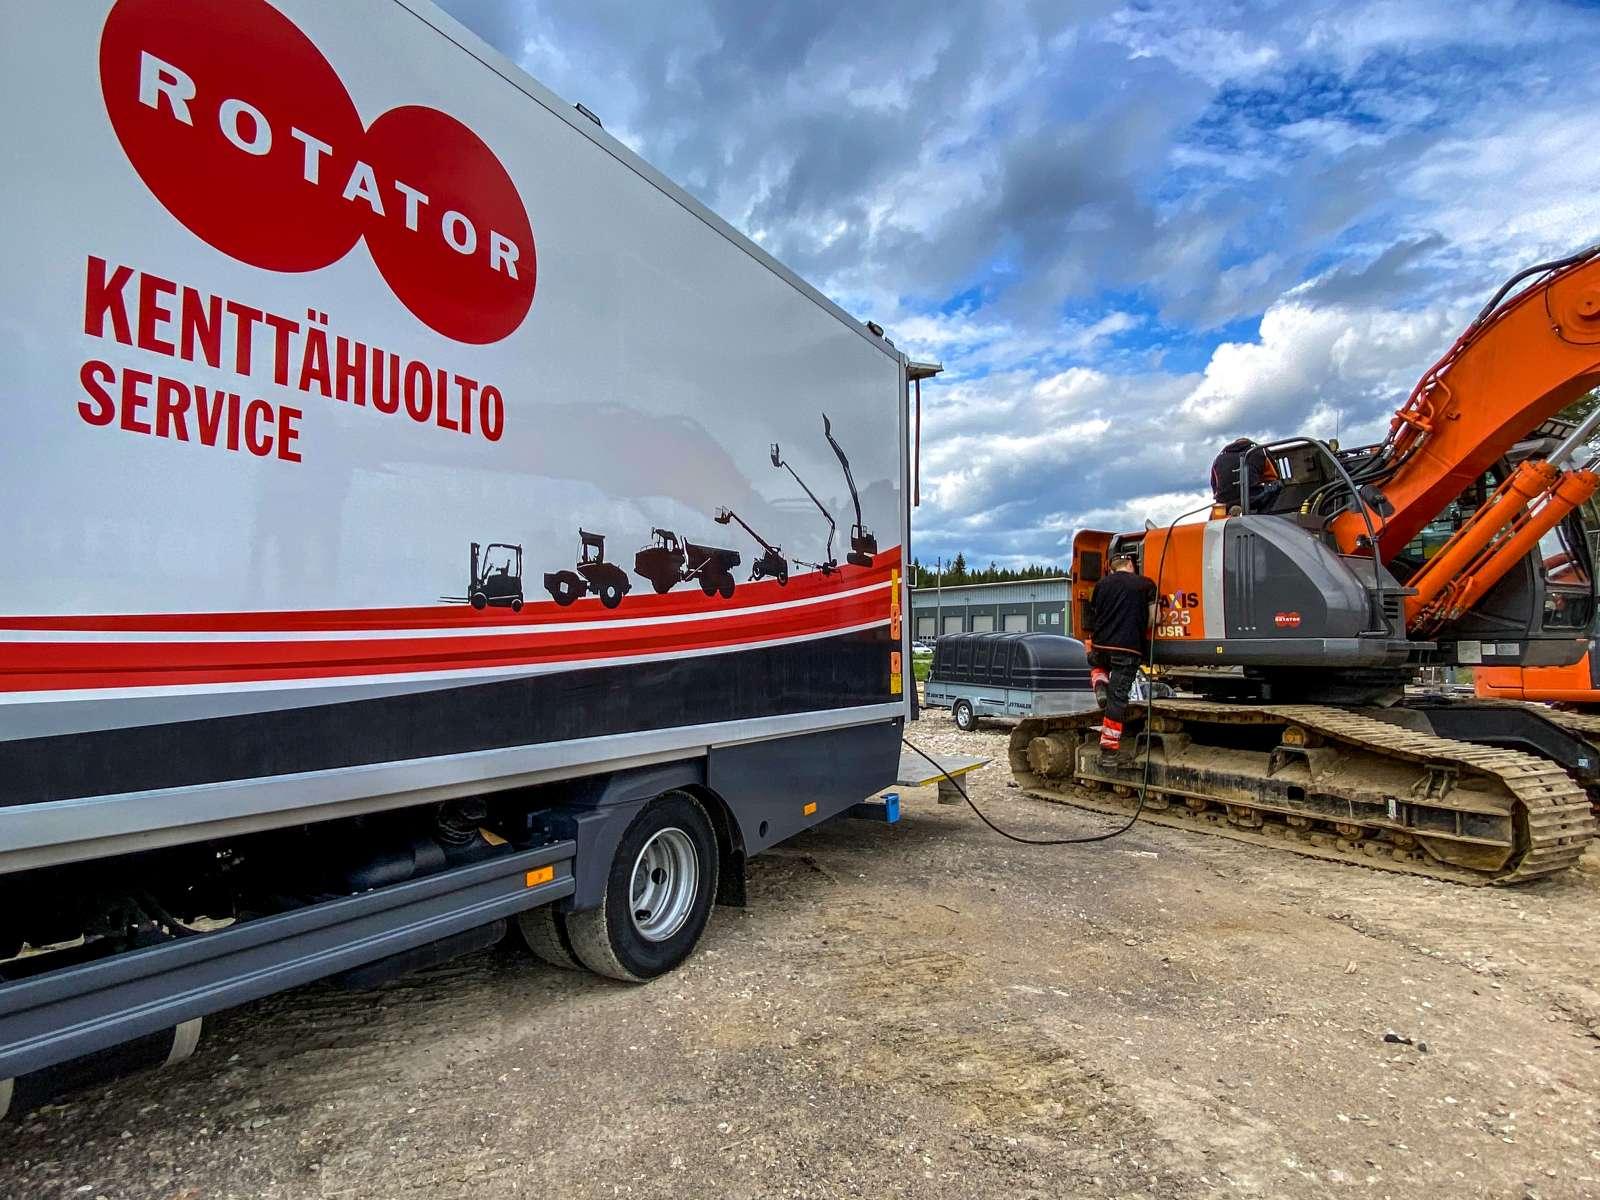 Rotator Oy kenttähuolto